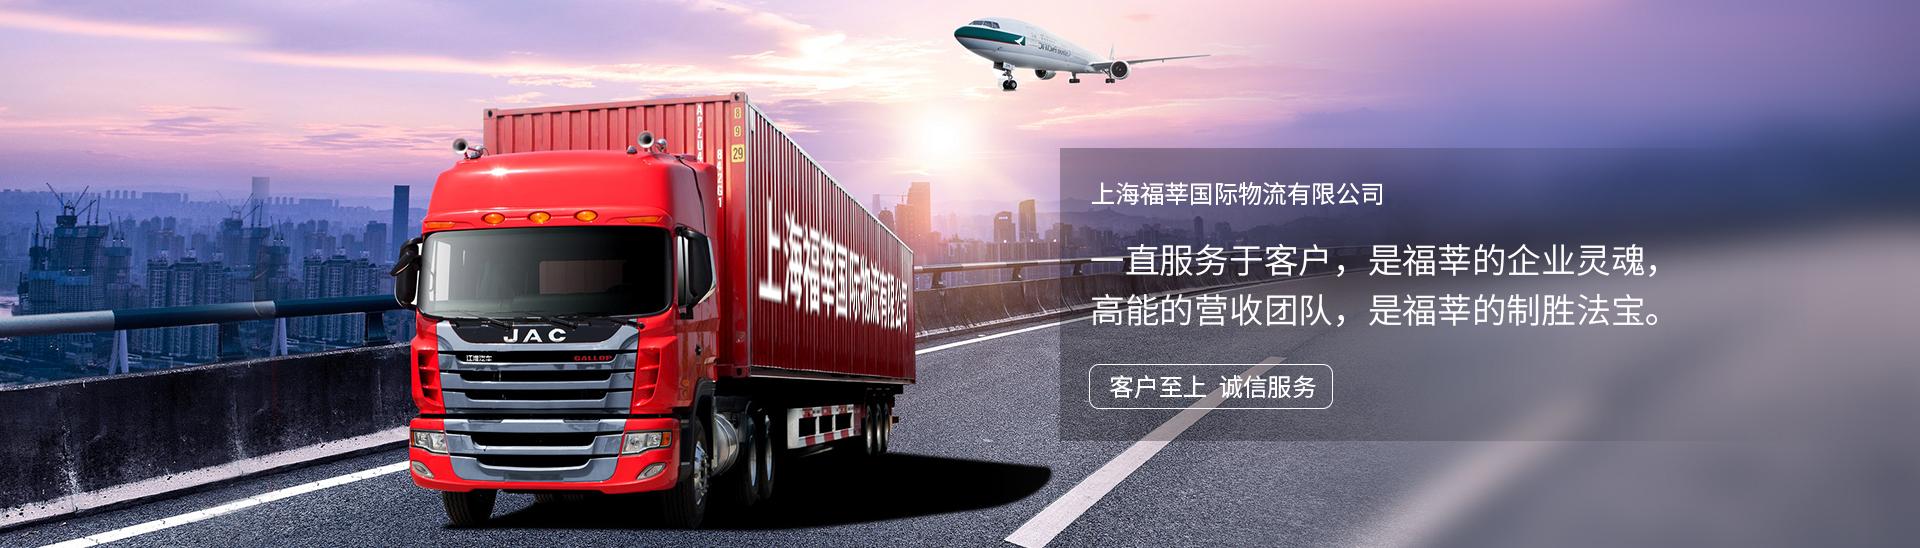 上海福莘国际物流有限公司